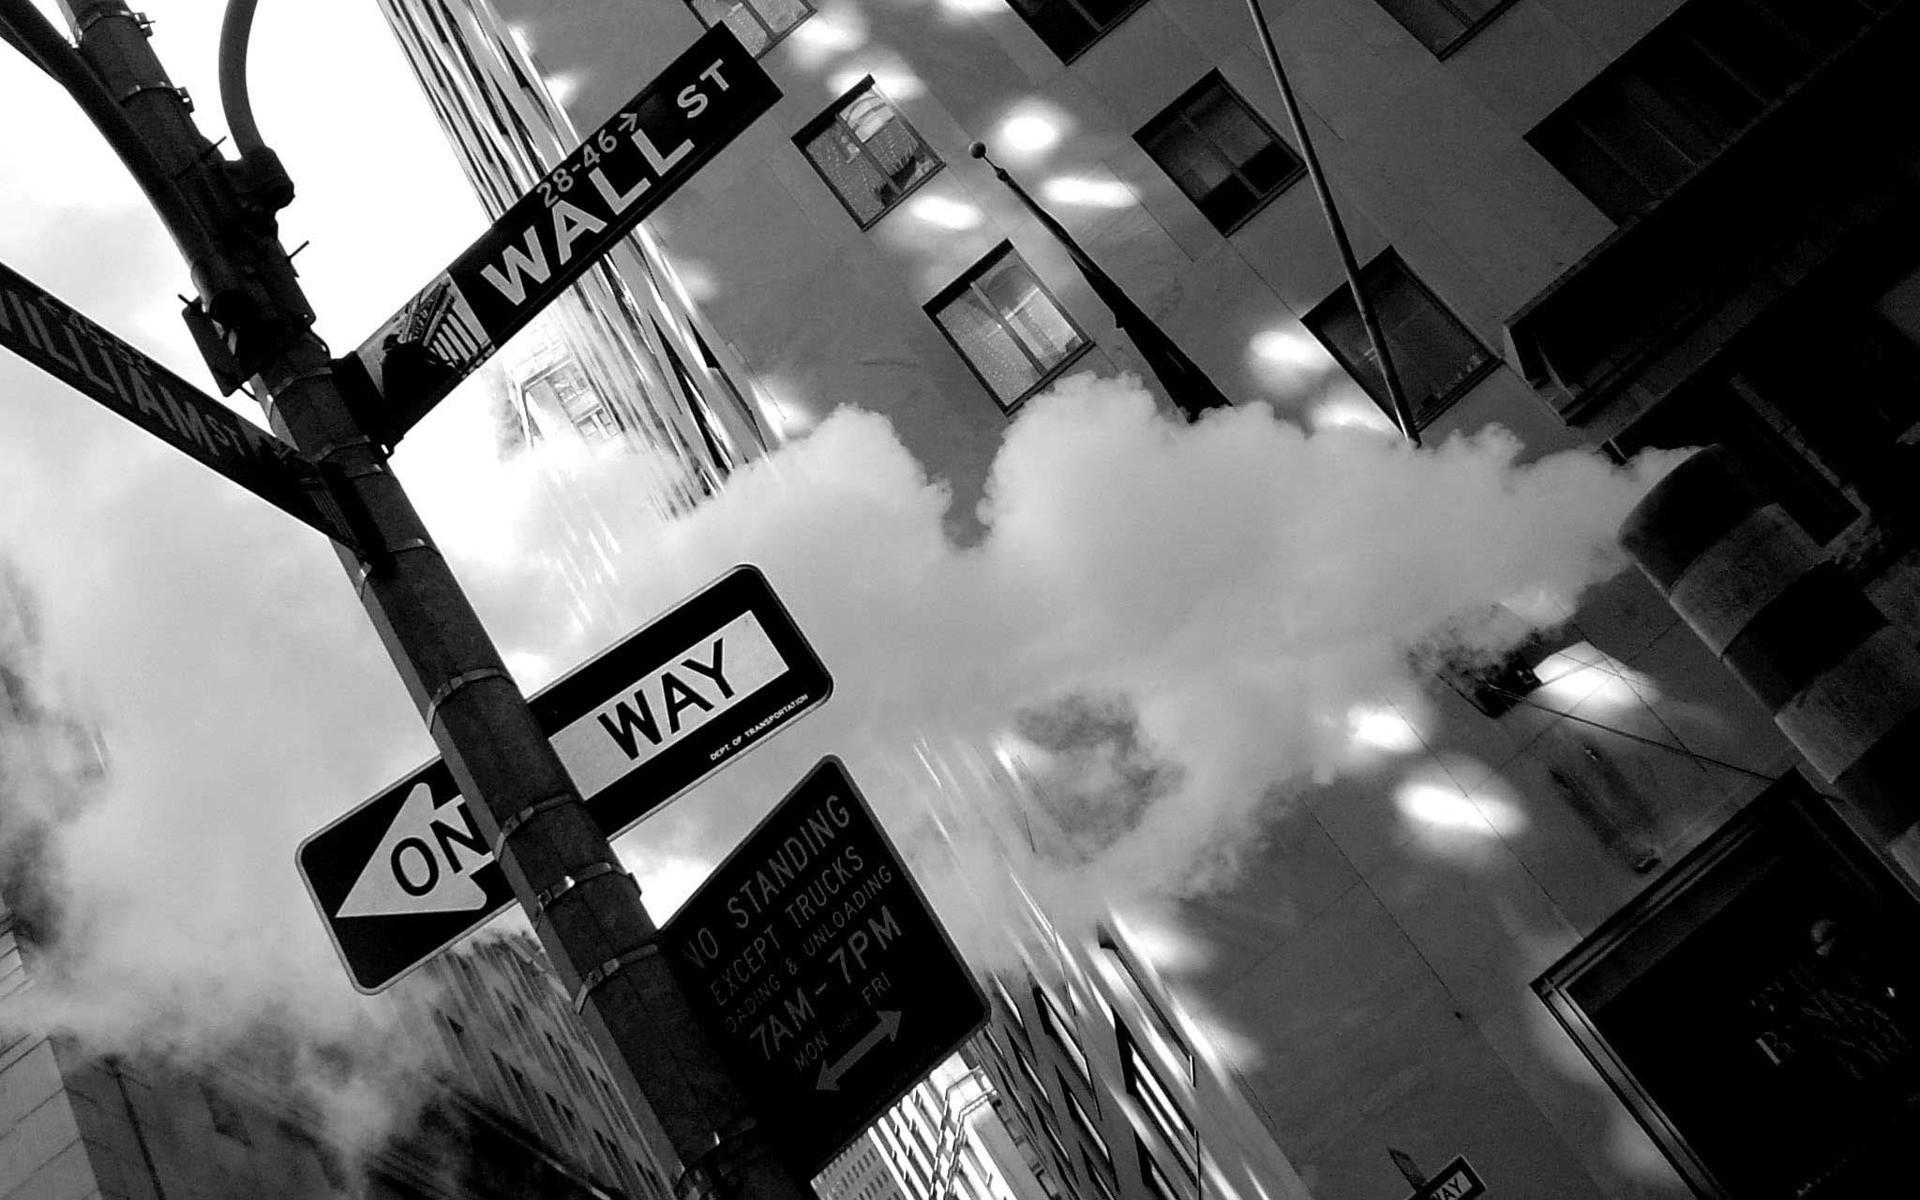 Wall street